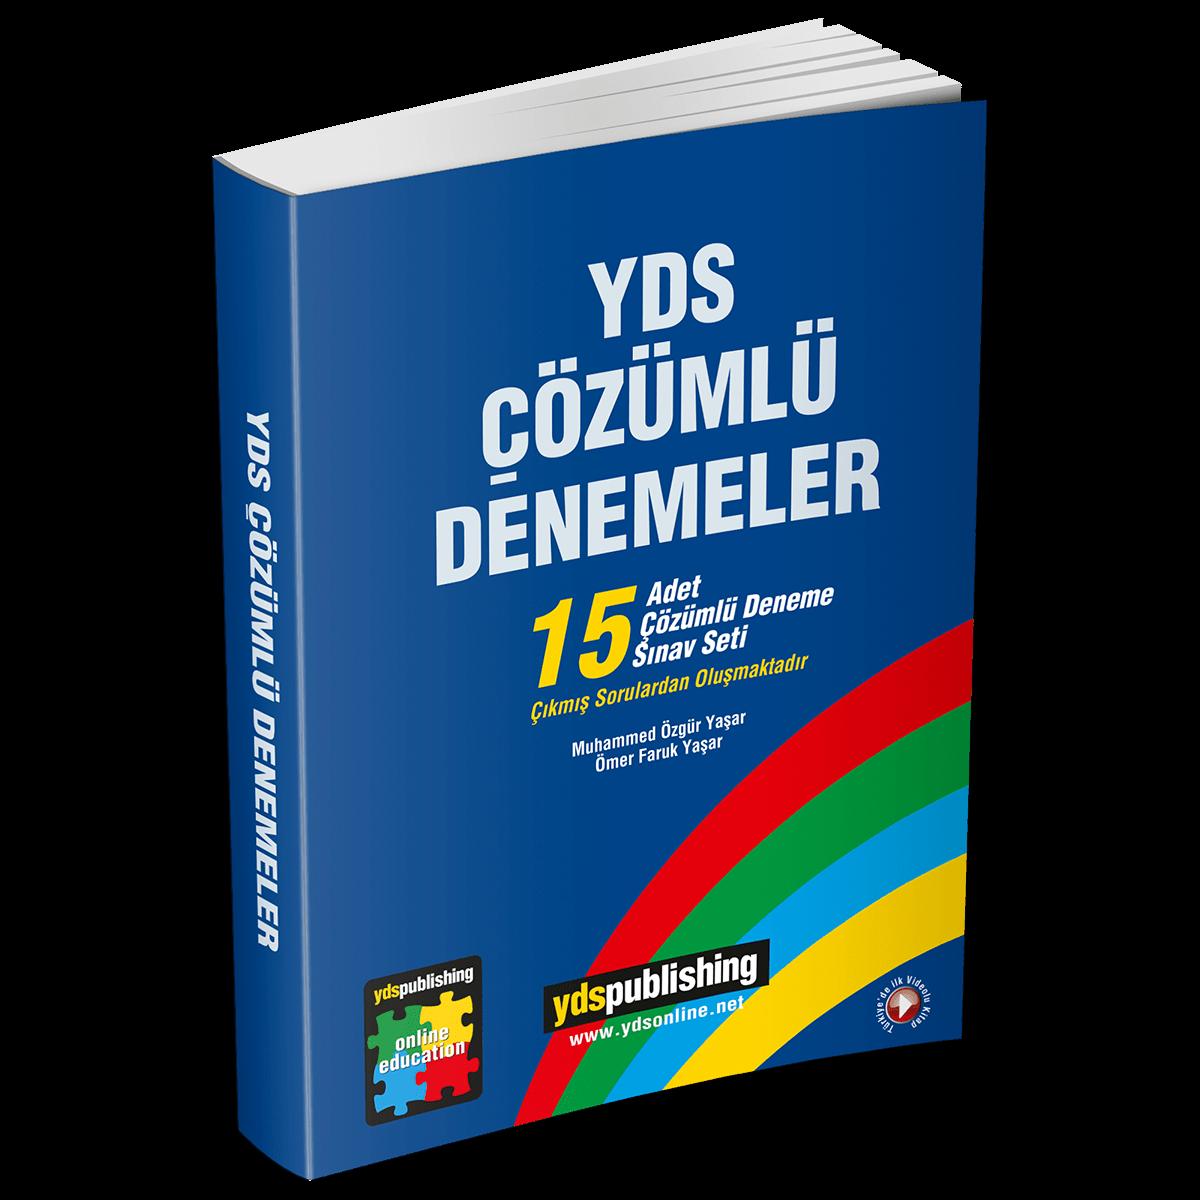 YDS Çözümlü Denemeler (15'li) yds Çözümlü denemeler -  YDS Çözümlü Denemeler (15'li) – Açıklamalarıyla 15 deneme sınavı